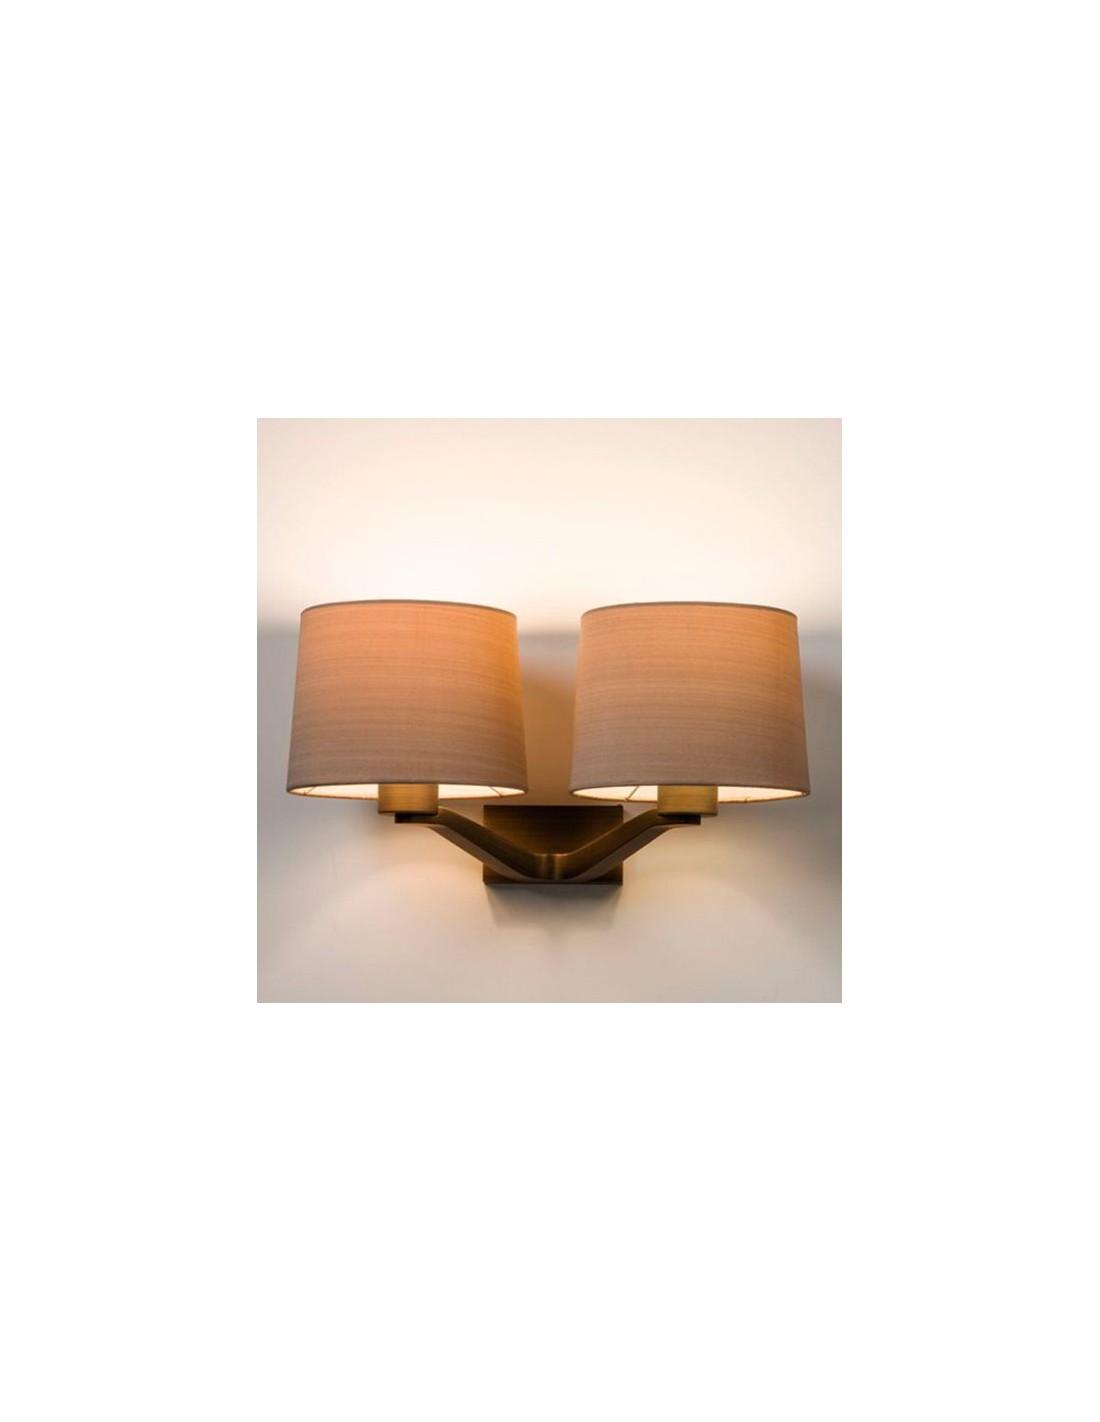 Applique Montclair Twin bronze abat jour huître astro lighting